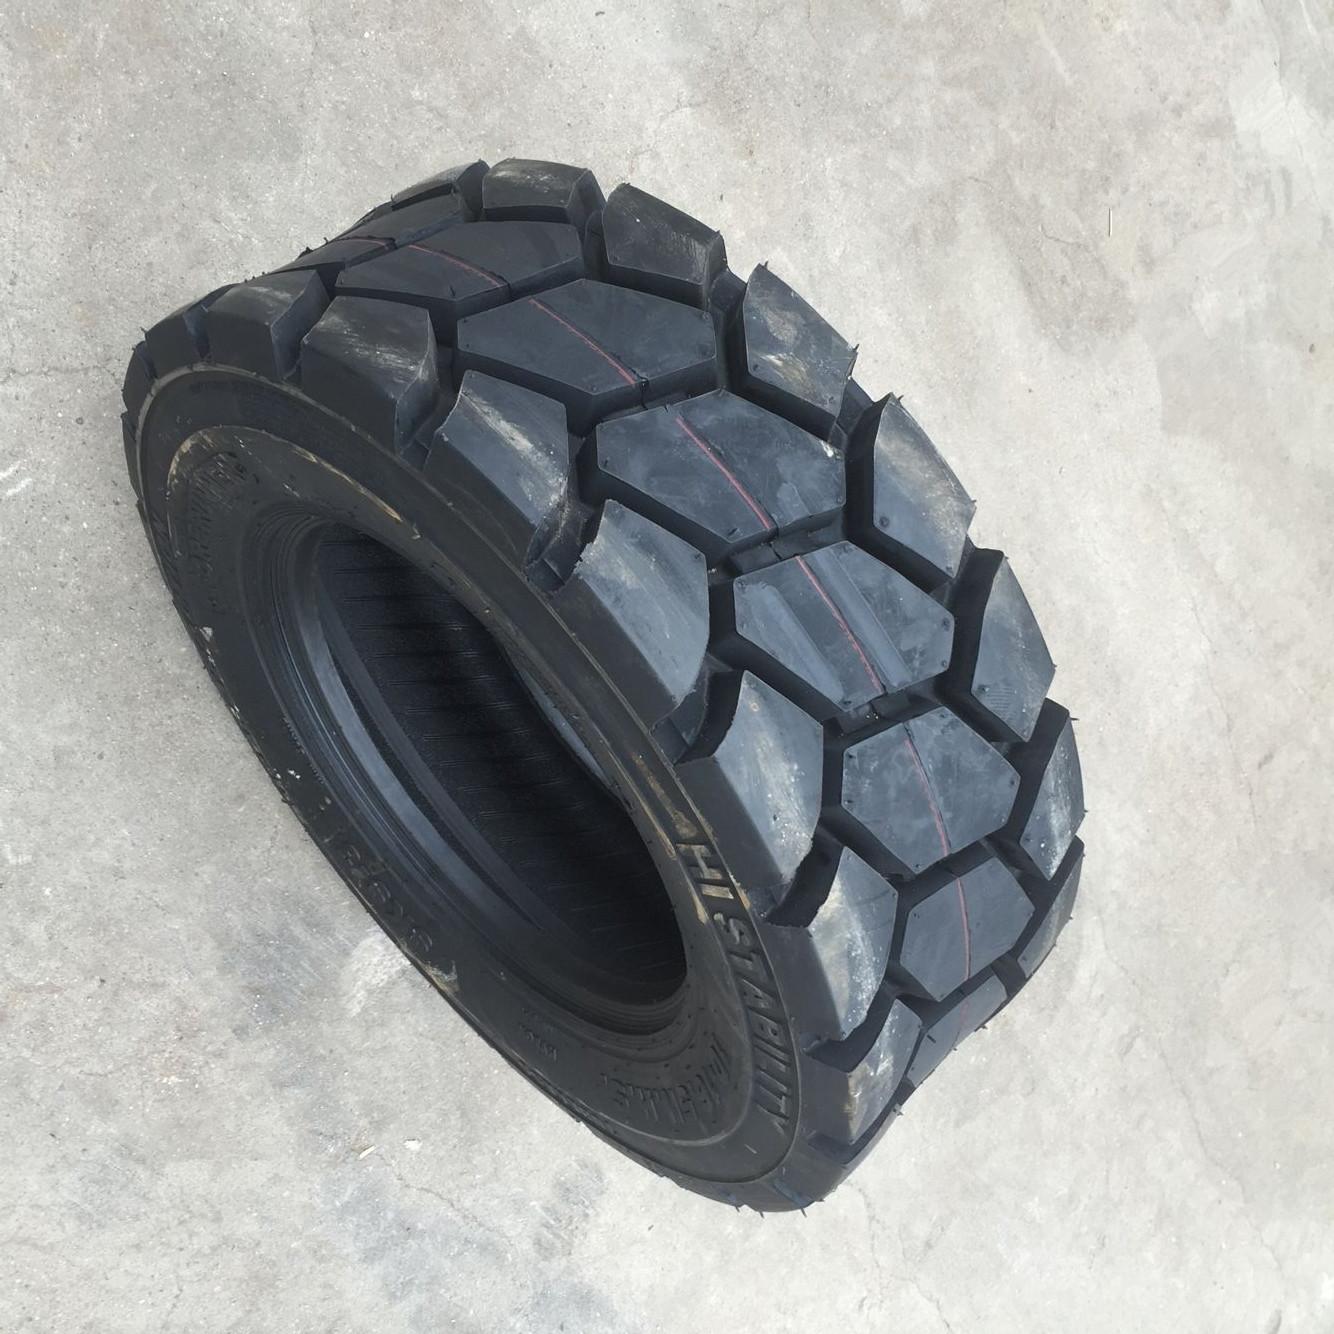 JINBAO Skid steer loader tires wear-resistant 10-16.5 vacuum tires